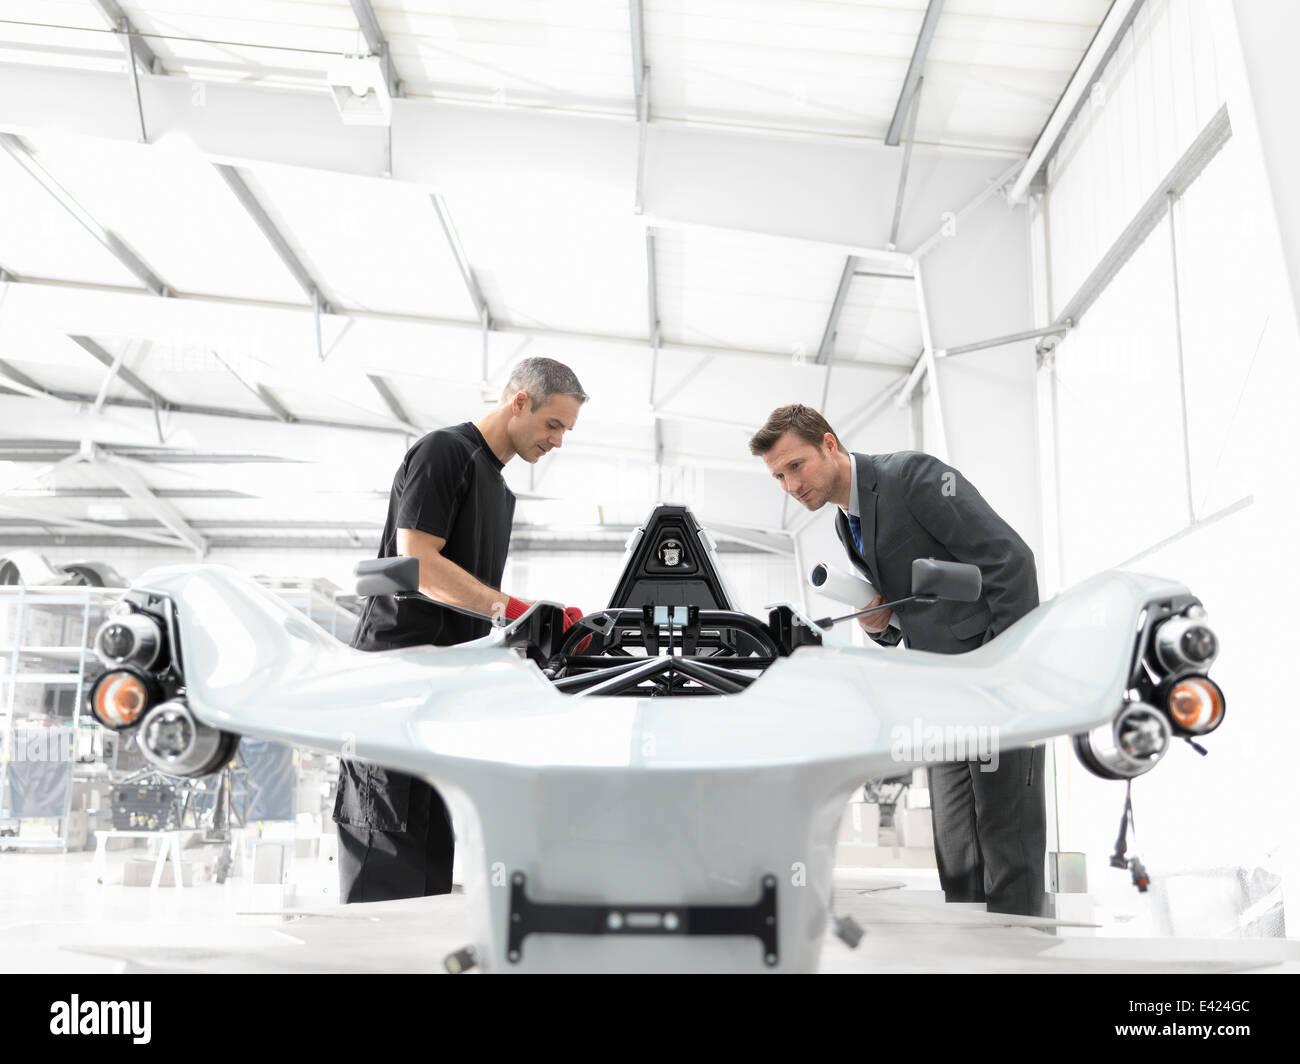 Ingeniero y diseñador de automóviles inspeccionando parte supercar construido en fábrica de automóviles Imagen De Stock